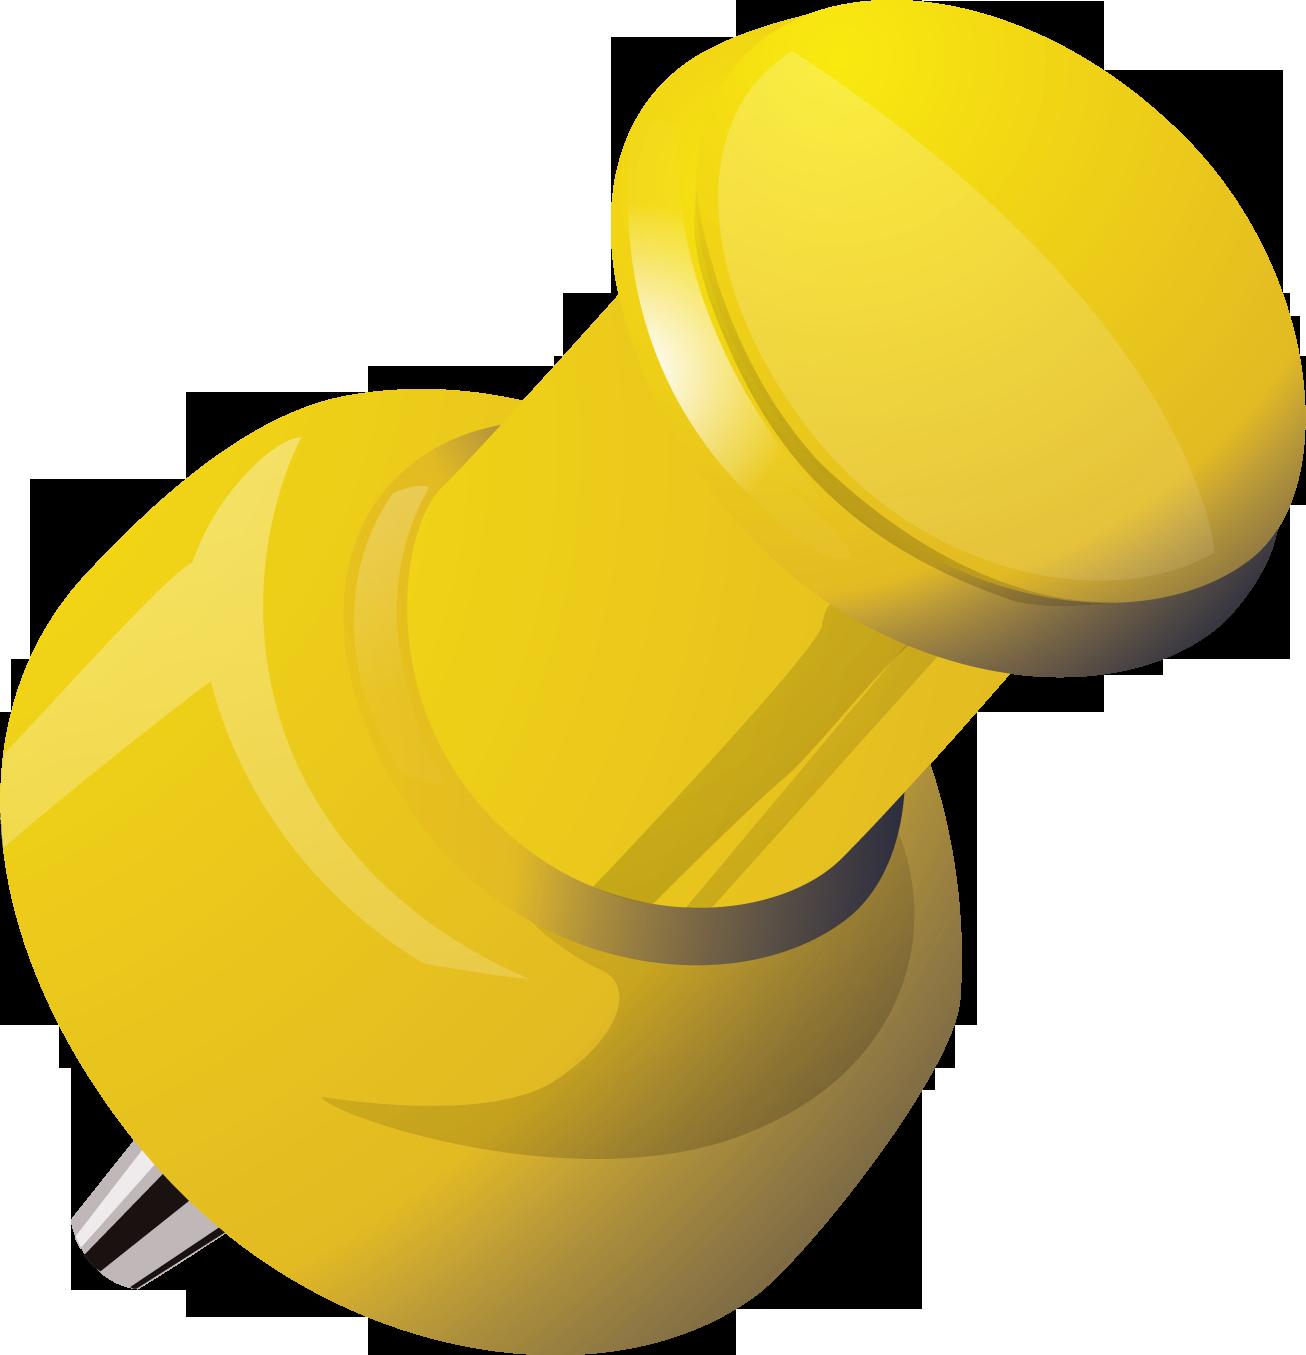 Картинка кнопки на прозрачном фоне